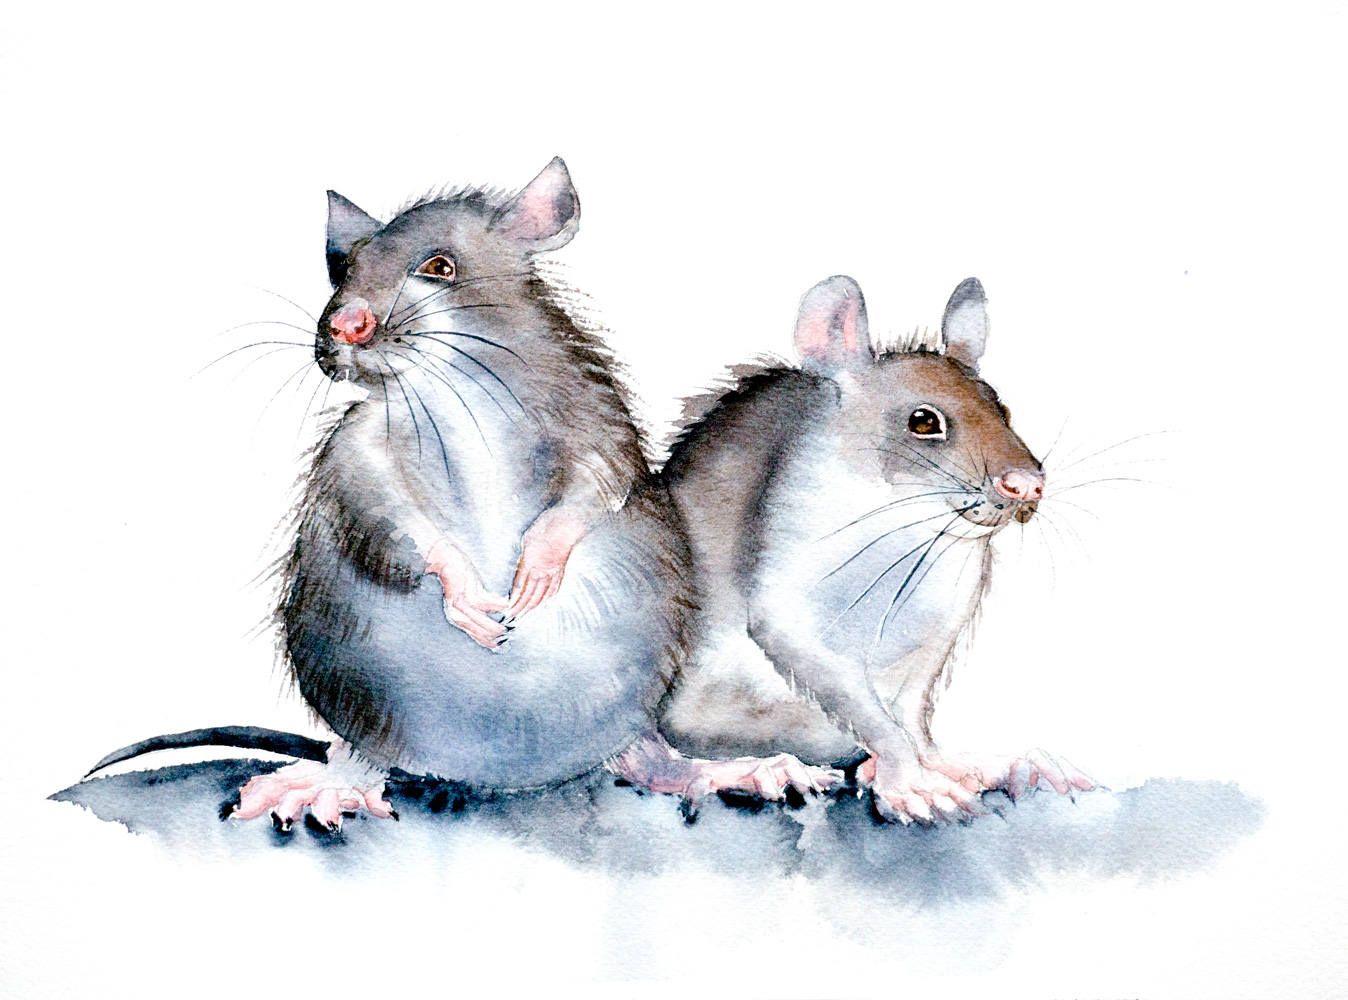 картинки на год крысы вертикальные давние времена